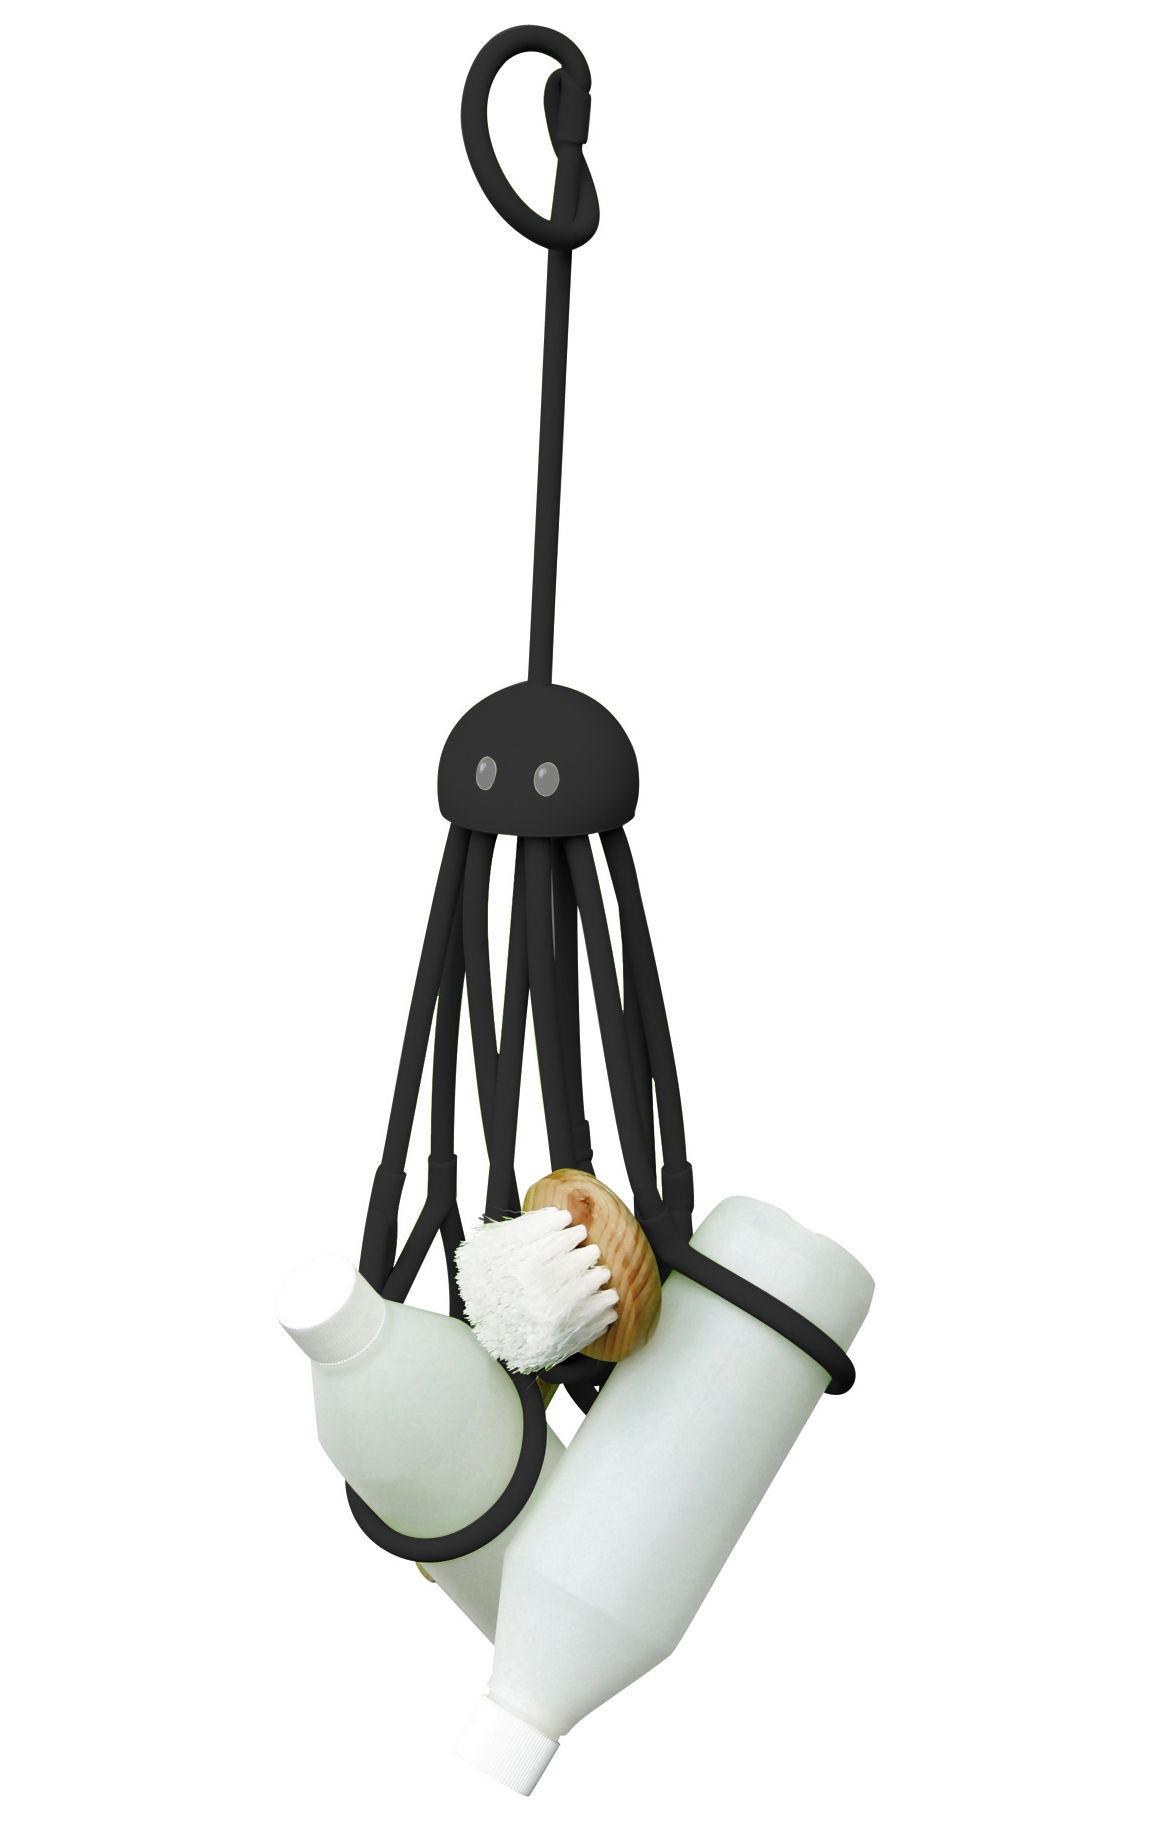 Interni - Bagno  - Portaoggetti Octopus - Piovra per doccia di Pa Design - Nero - Gomma